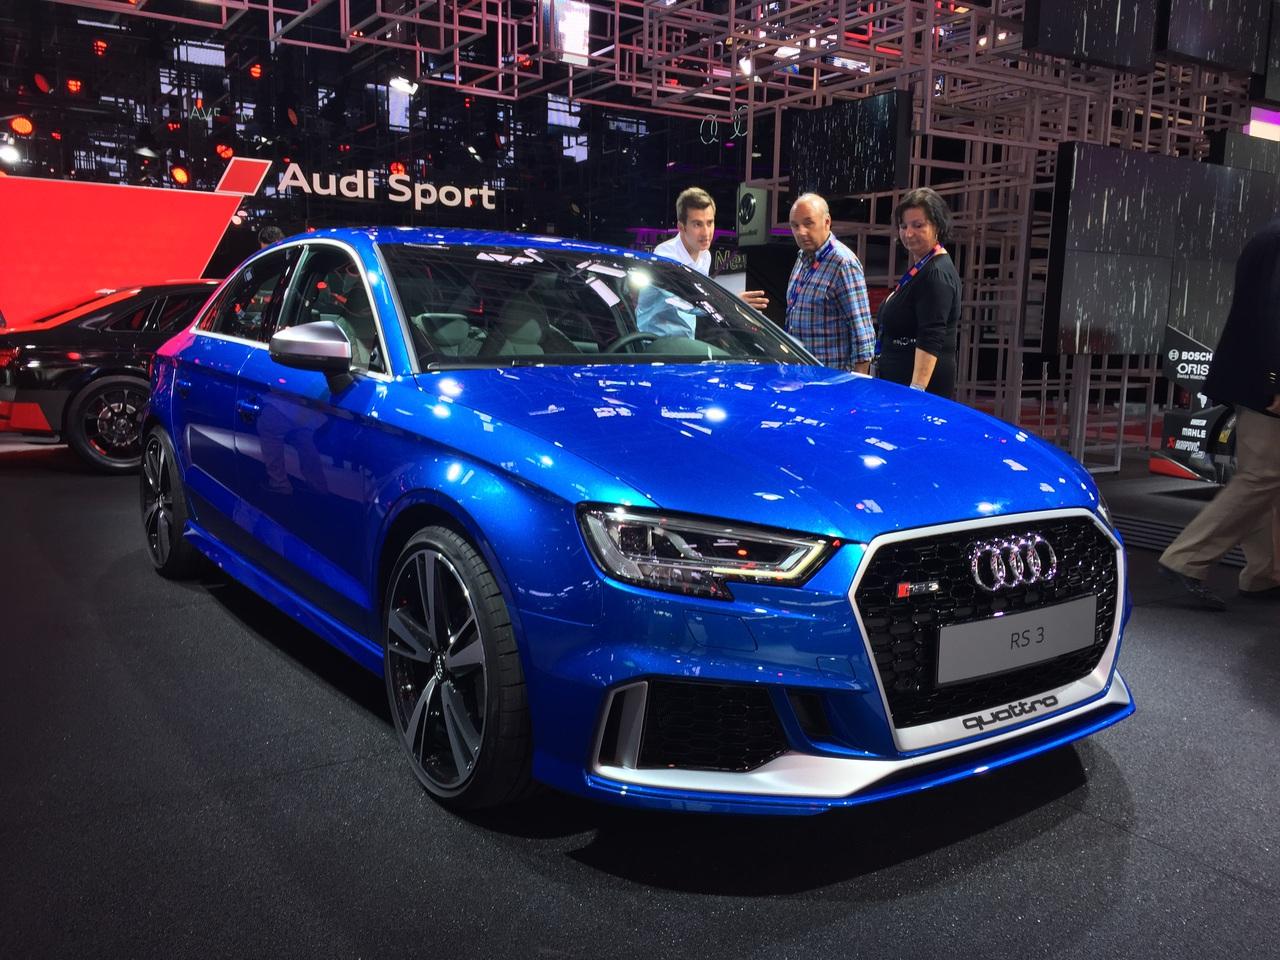 Модель Ауди RS3 предстала перед публикой вновом кузове